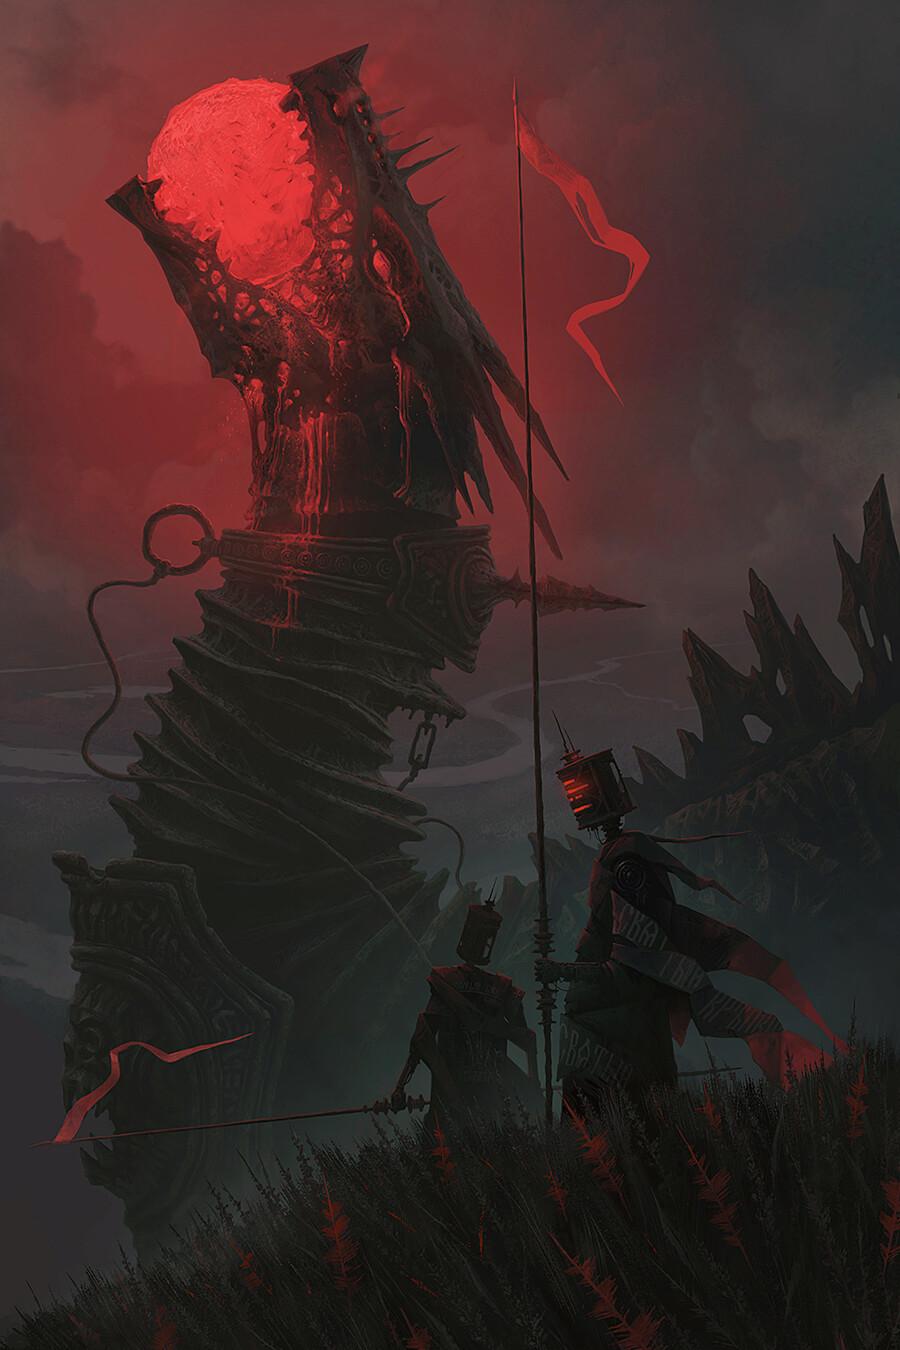 Alexey Egorov Digital Art Fantasy Art Dragon Robot Red Spear 900x1350